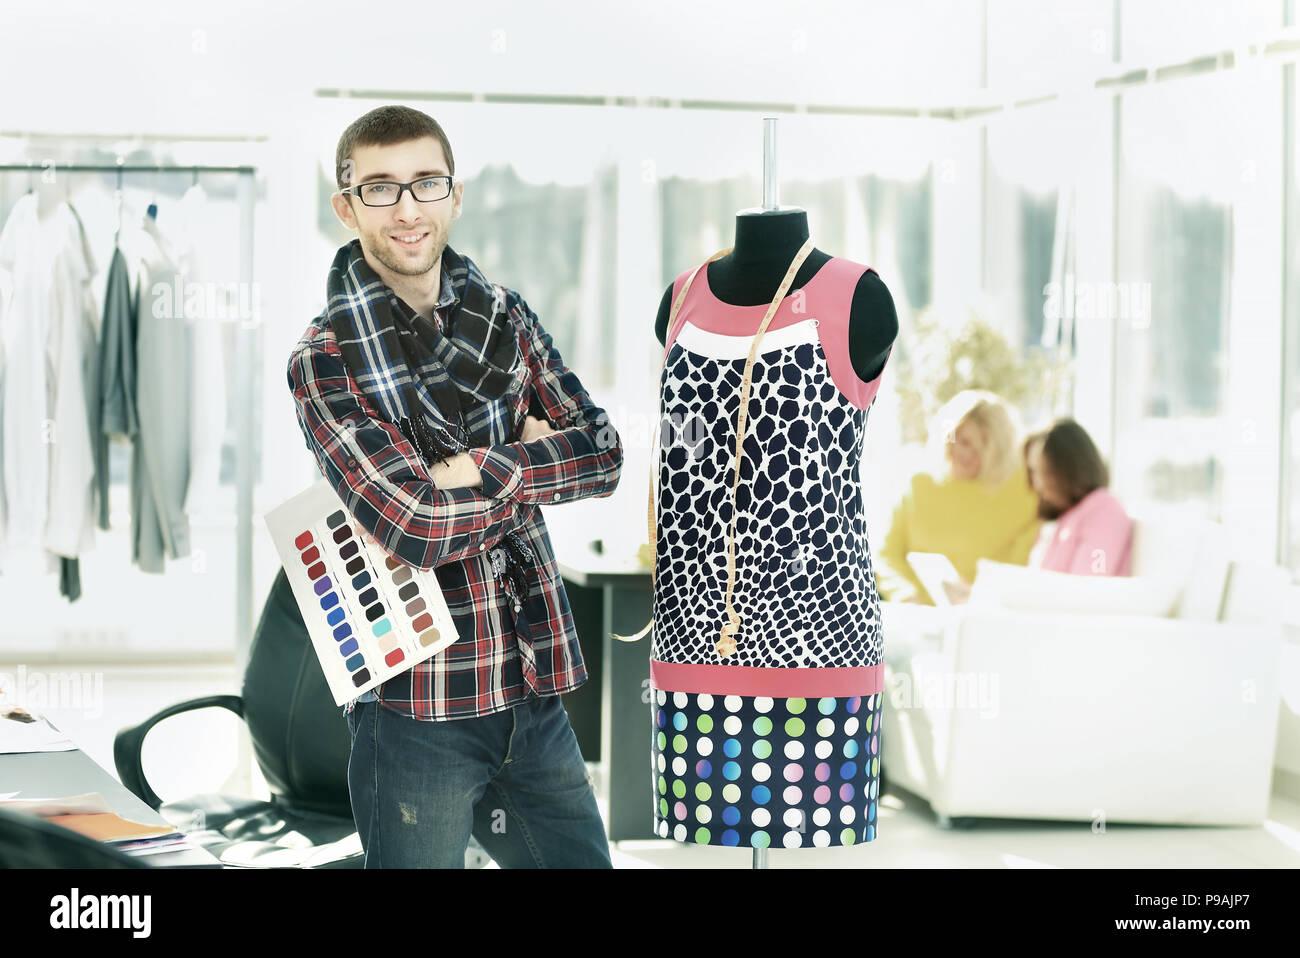 Moderne designer Wählt Farben für eine neue Sammlung von Kleidung Stockbild